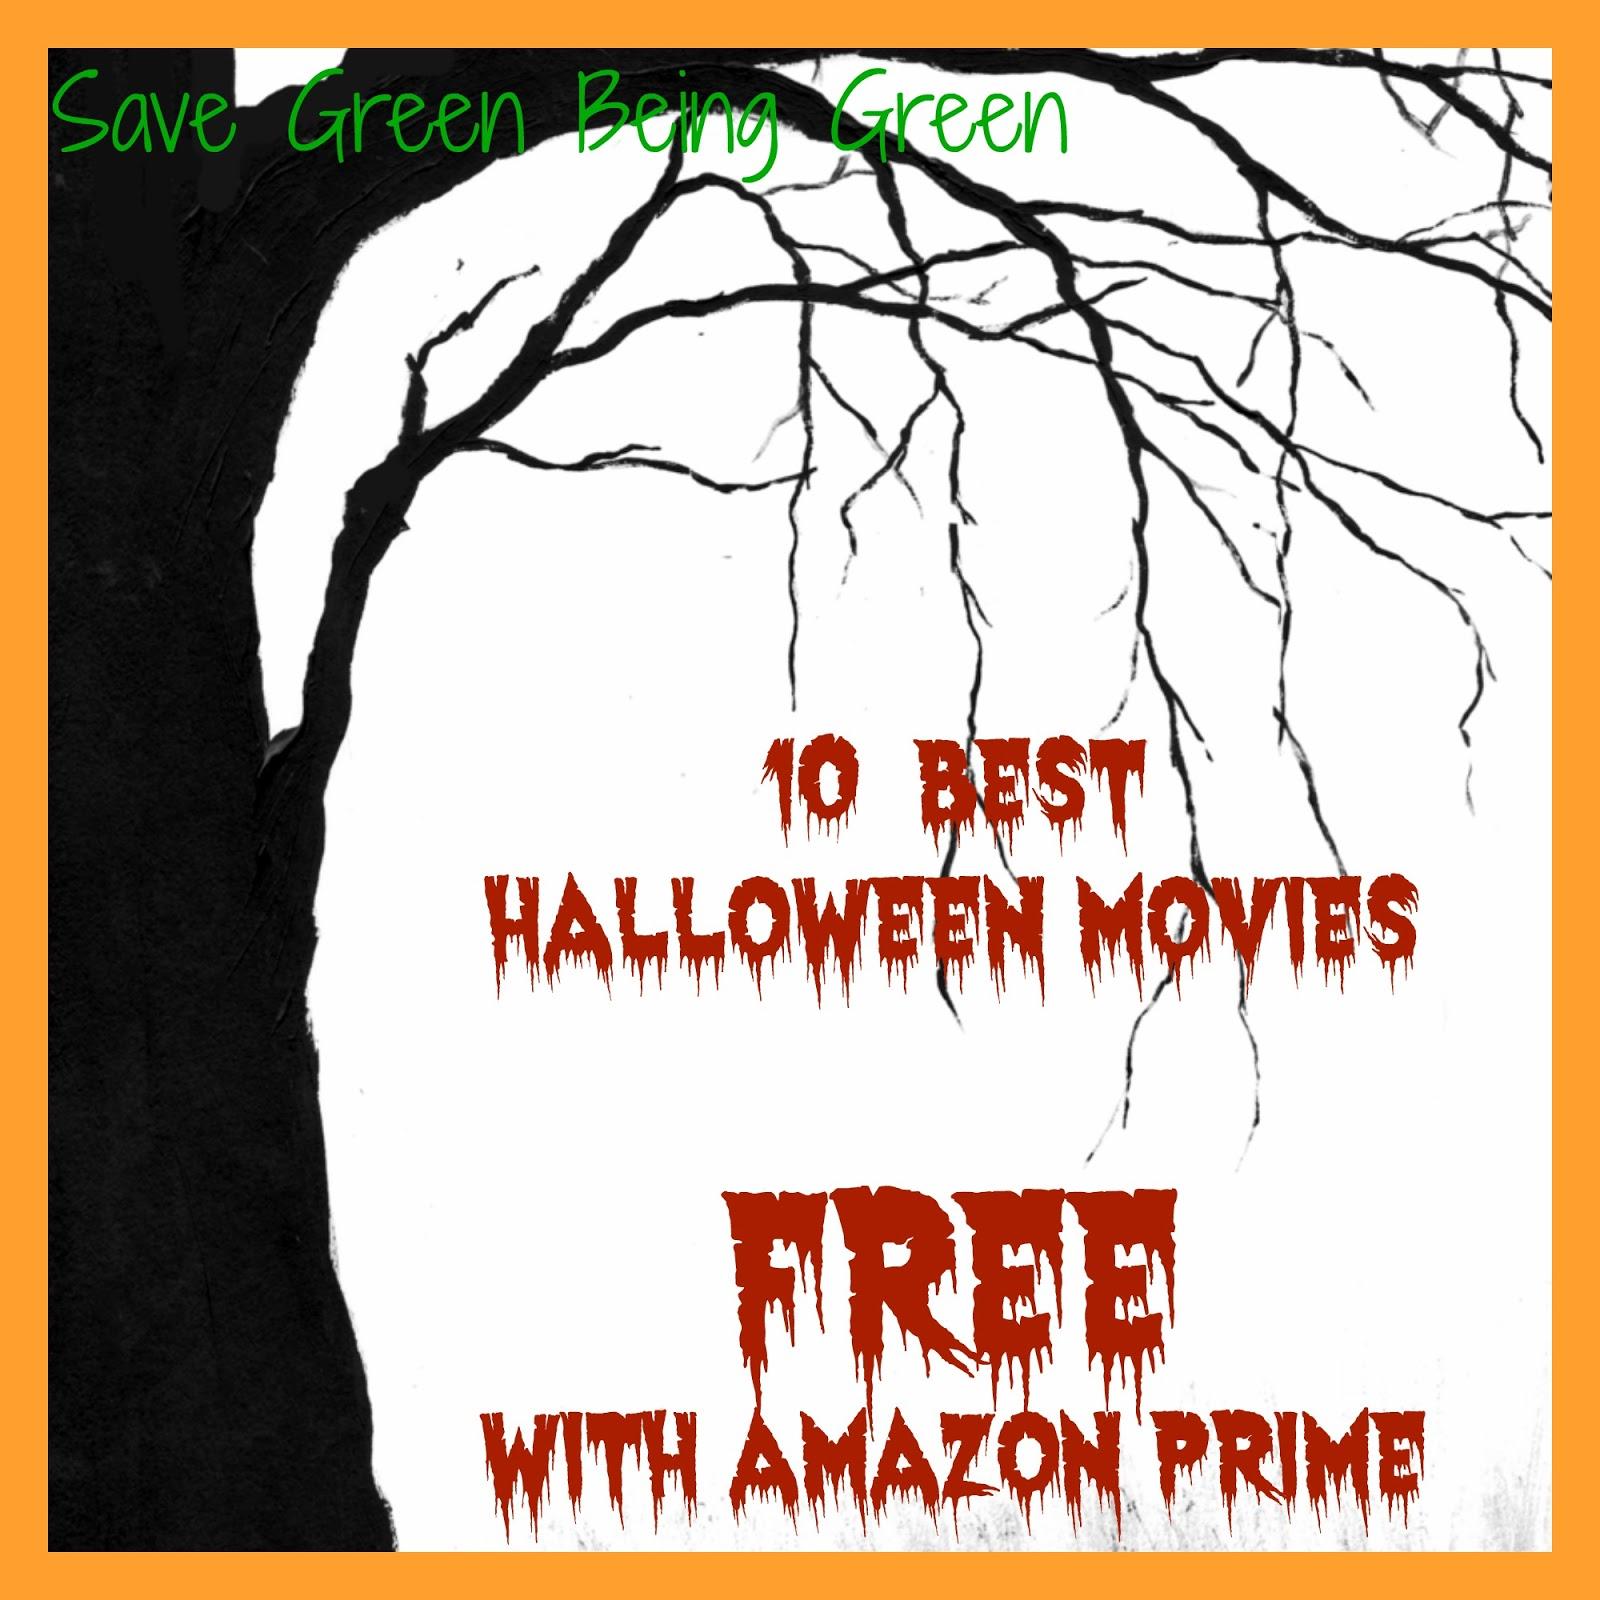 Free halloween movies on amazon prime